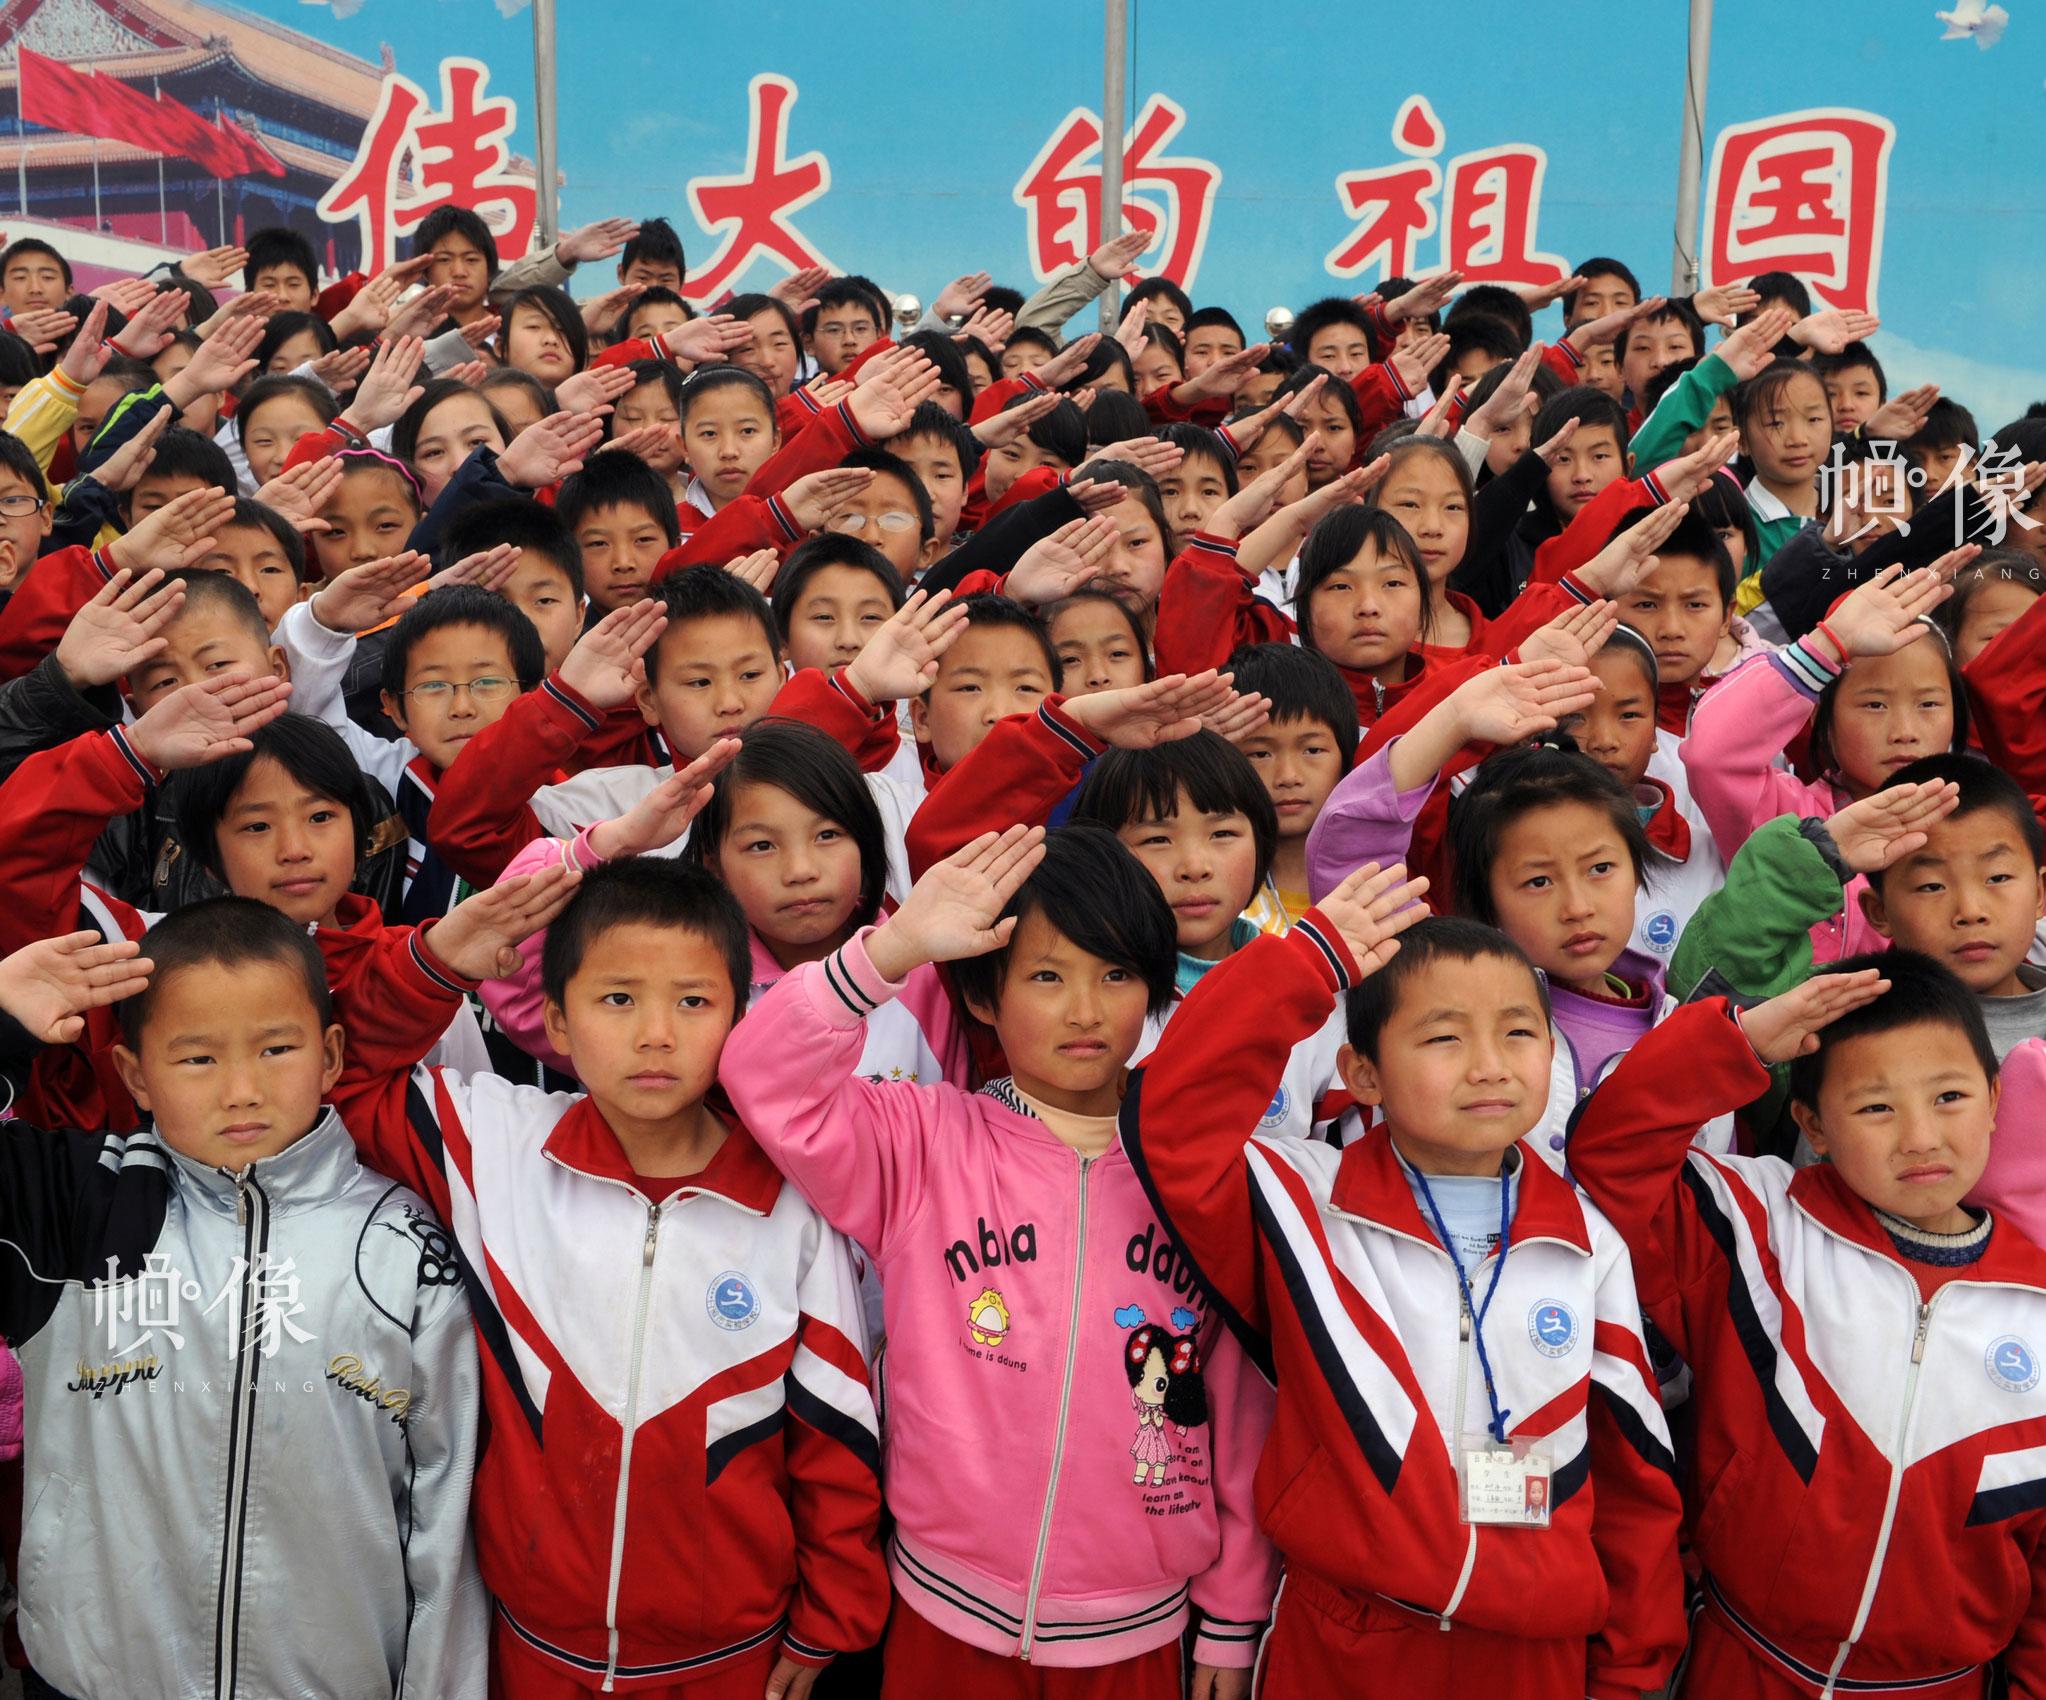 2009年4月,山东日照安康家园,参加升旗仪式的孩子们行少先队礼。雷声 摄